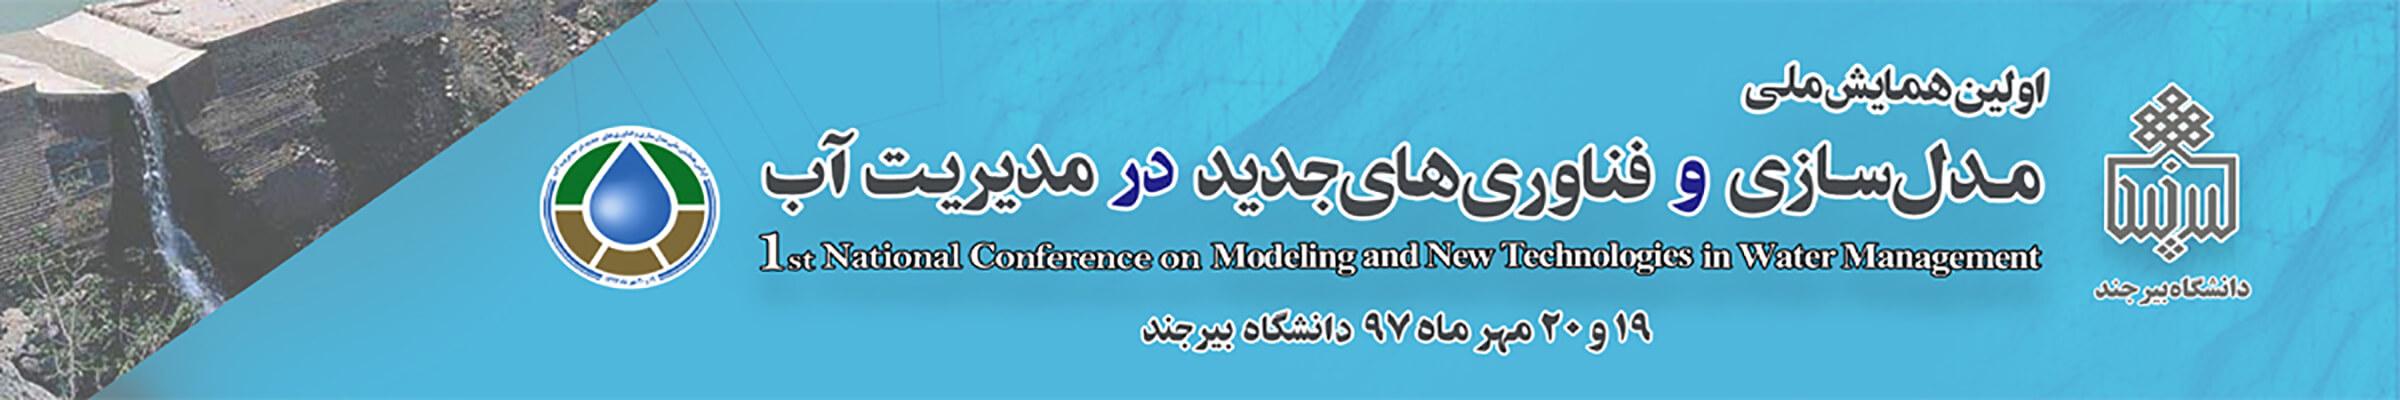 اولین همایش ملی مدل سازی در مدیریت آب - بیرجند